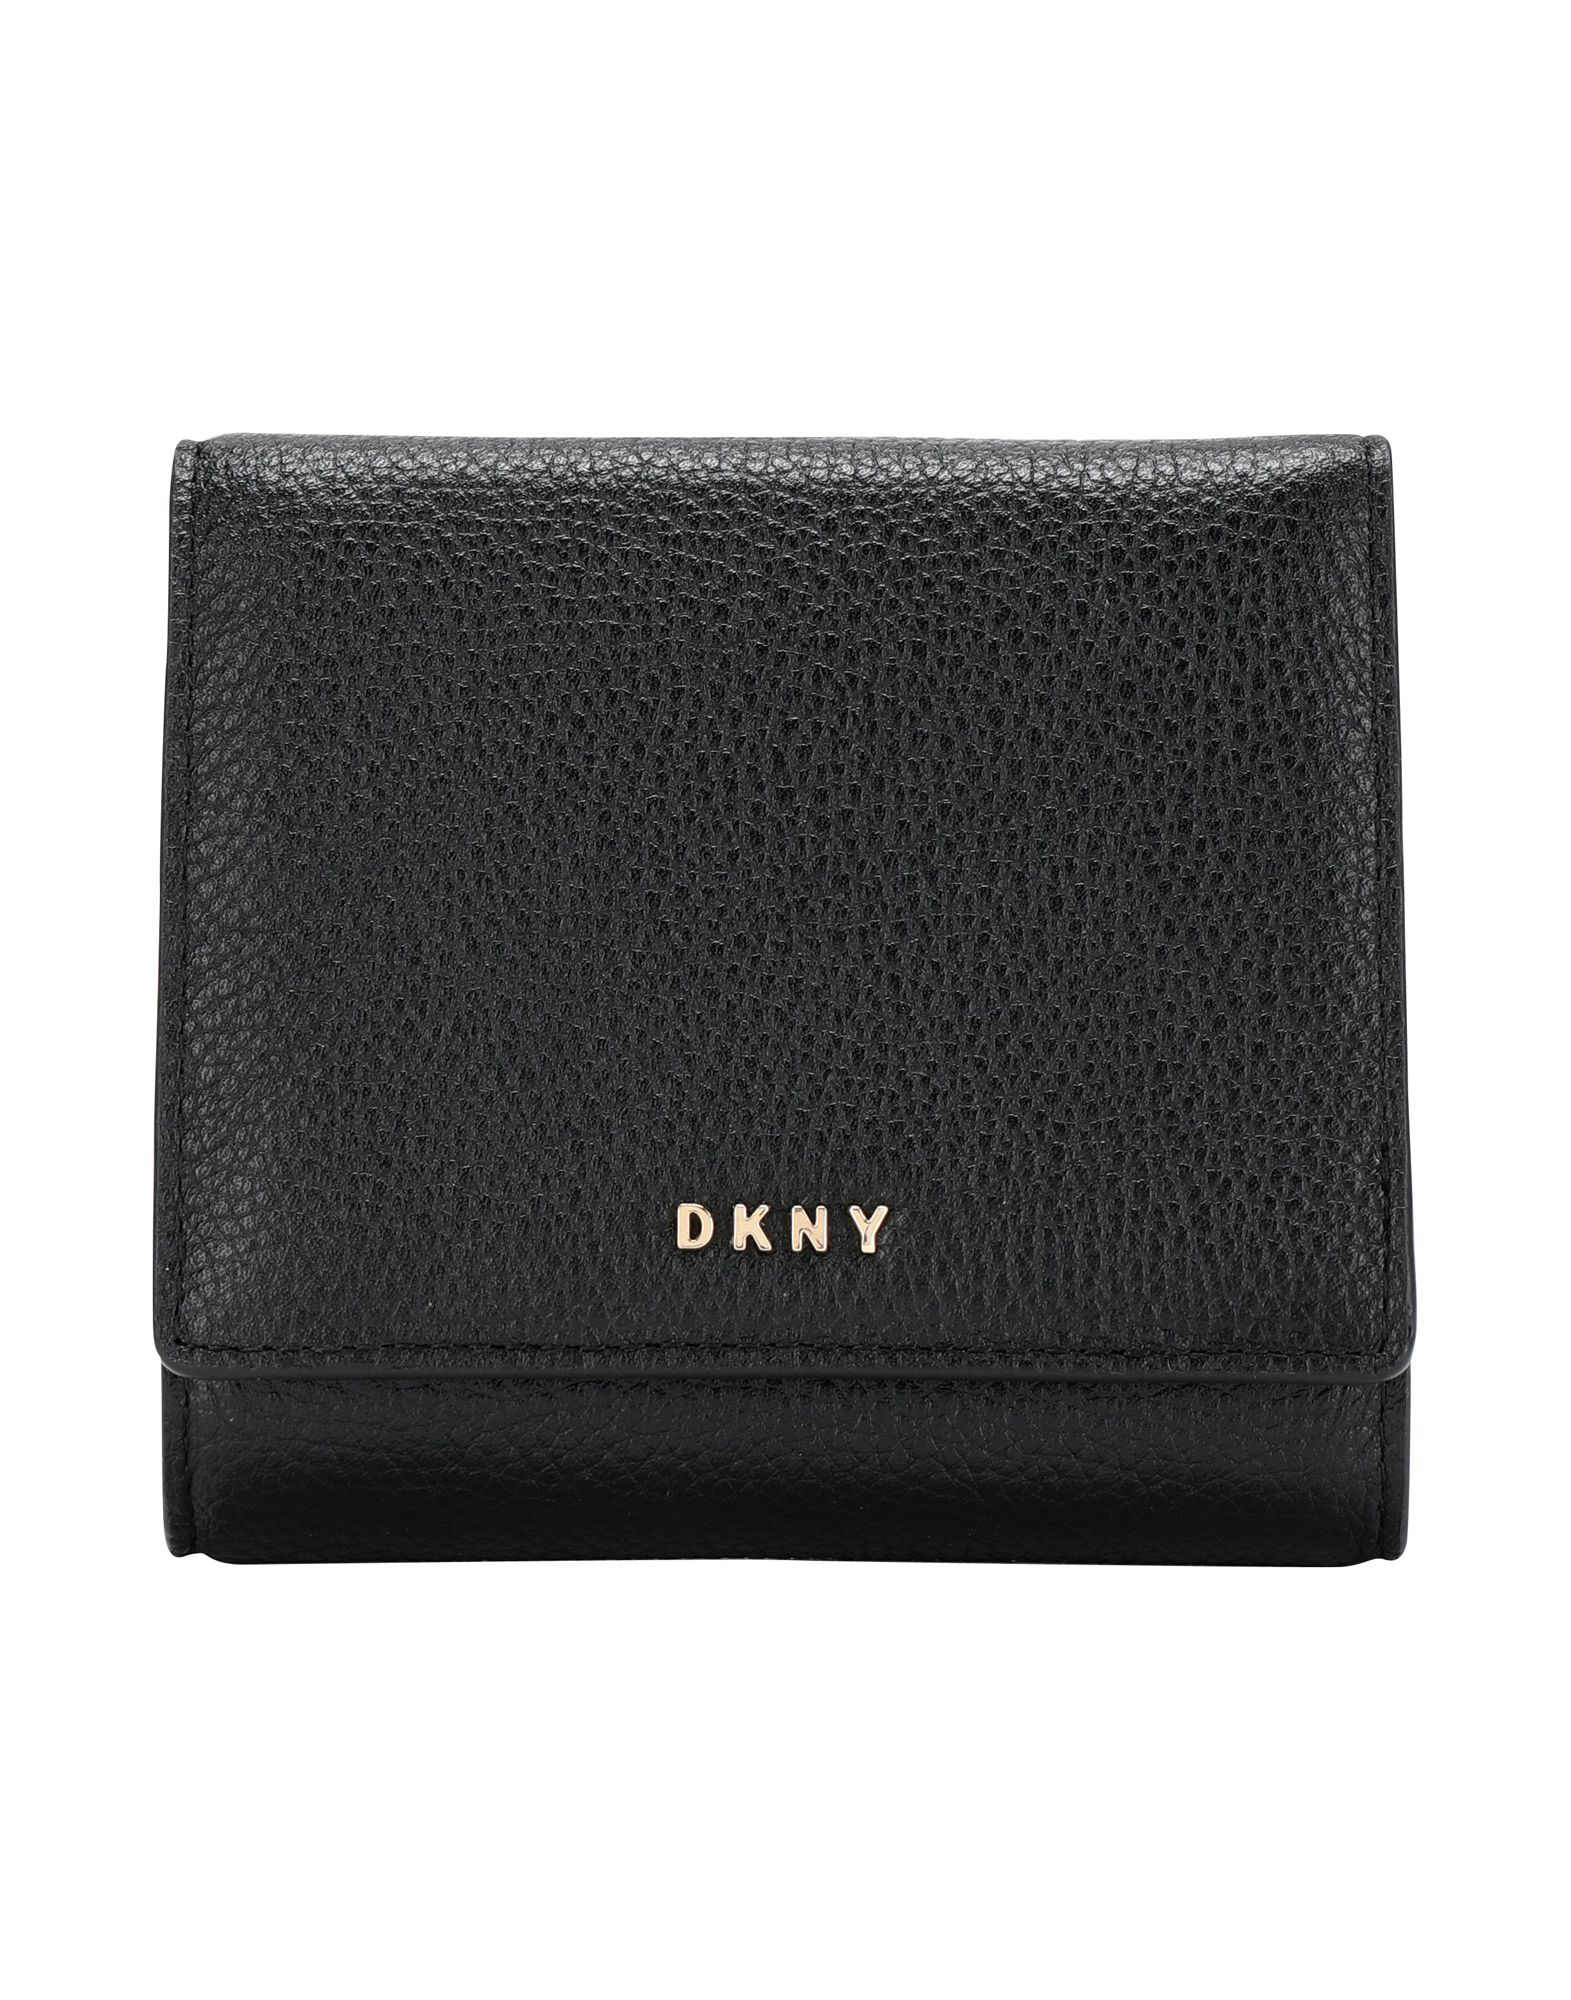 Πορτοφόλι Dkny Γυναίκα - Πορτοφόλι Dkny στο YOOX - 46603078AO 646549a625c